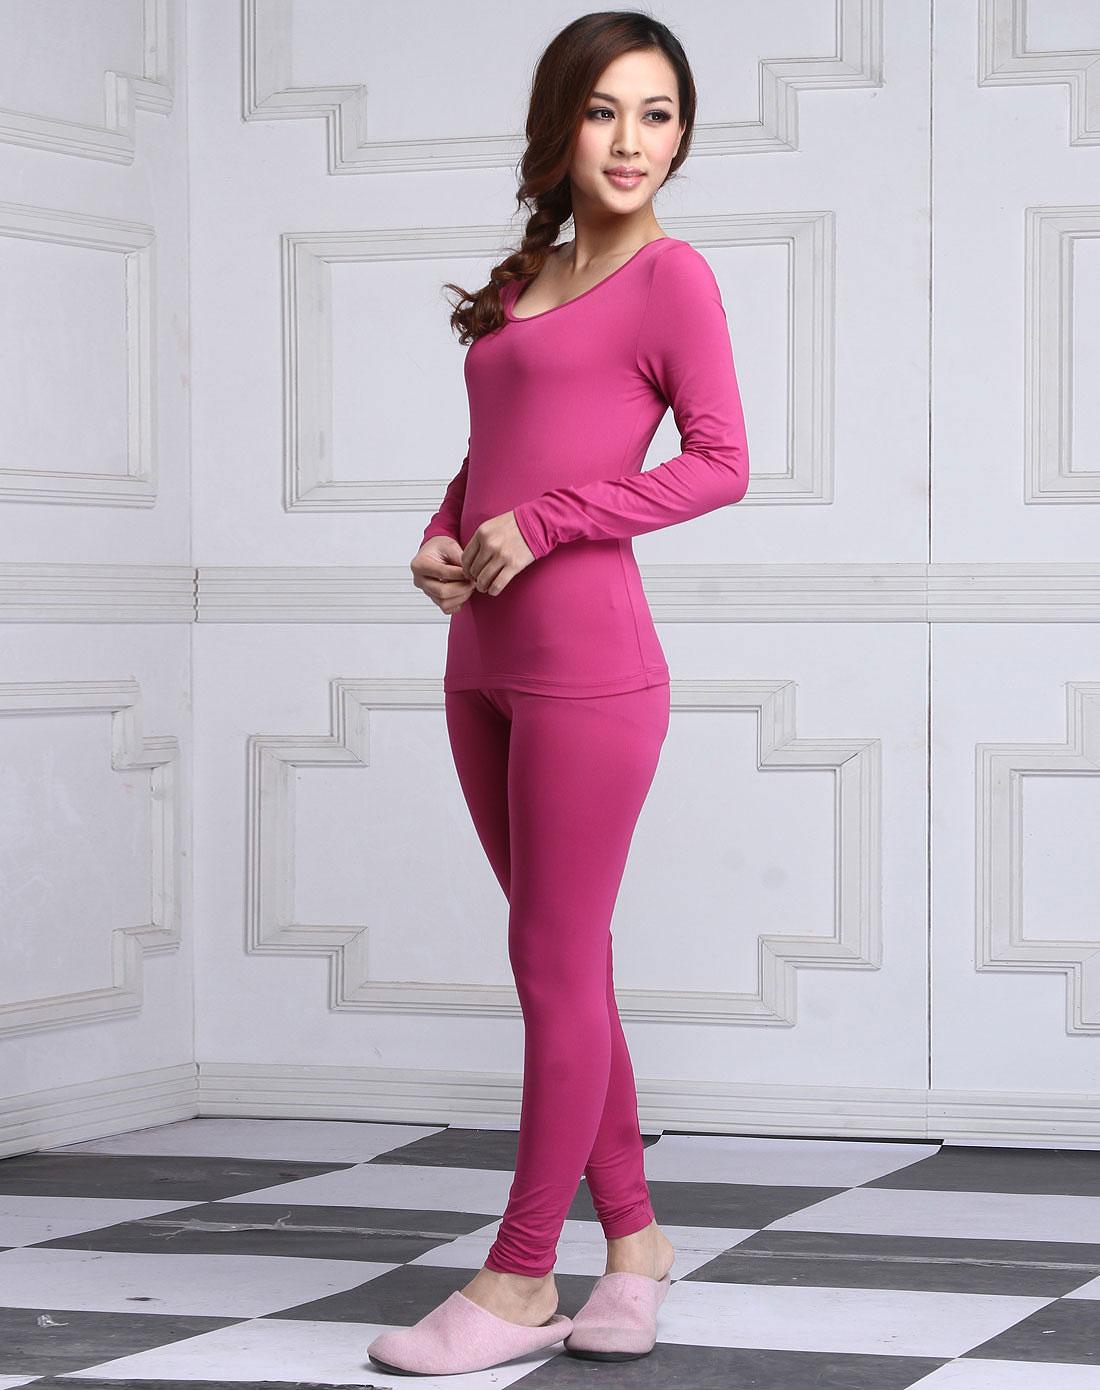 猫人miiow男女混合内衣专场女款紫红色长袖保暖内衣